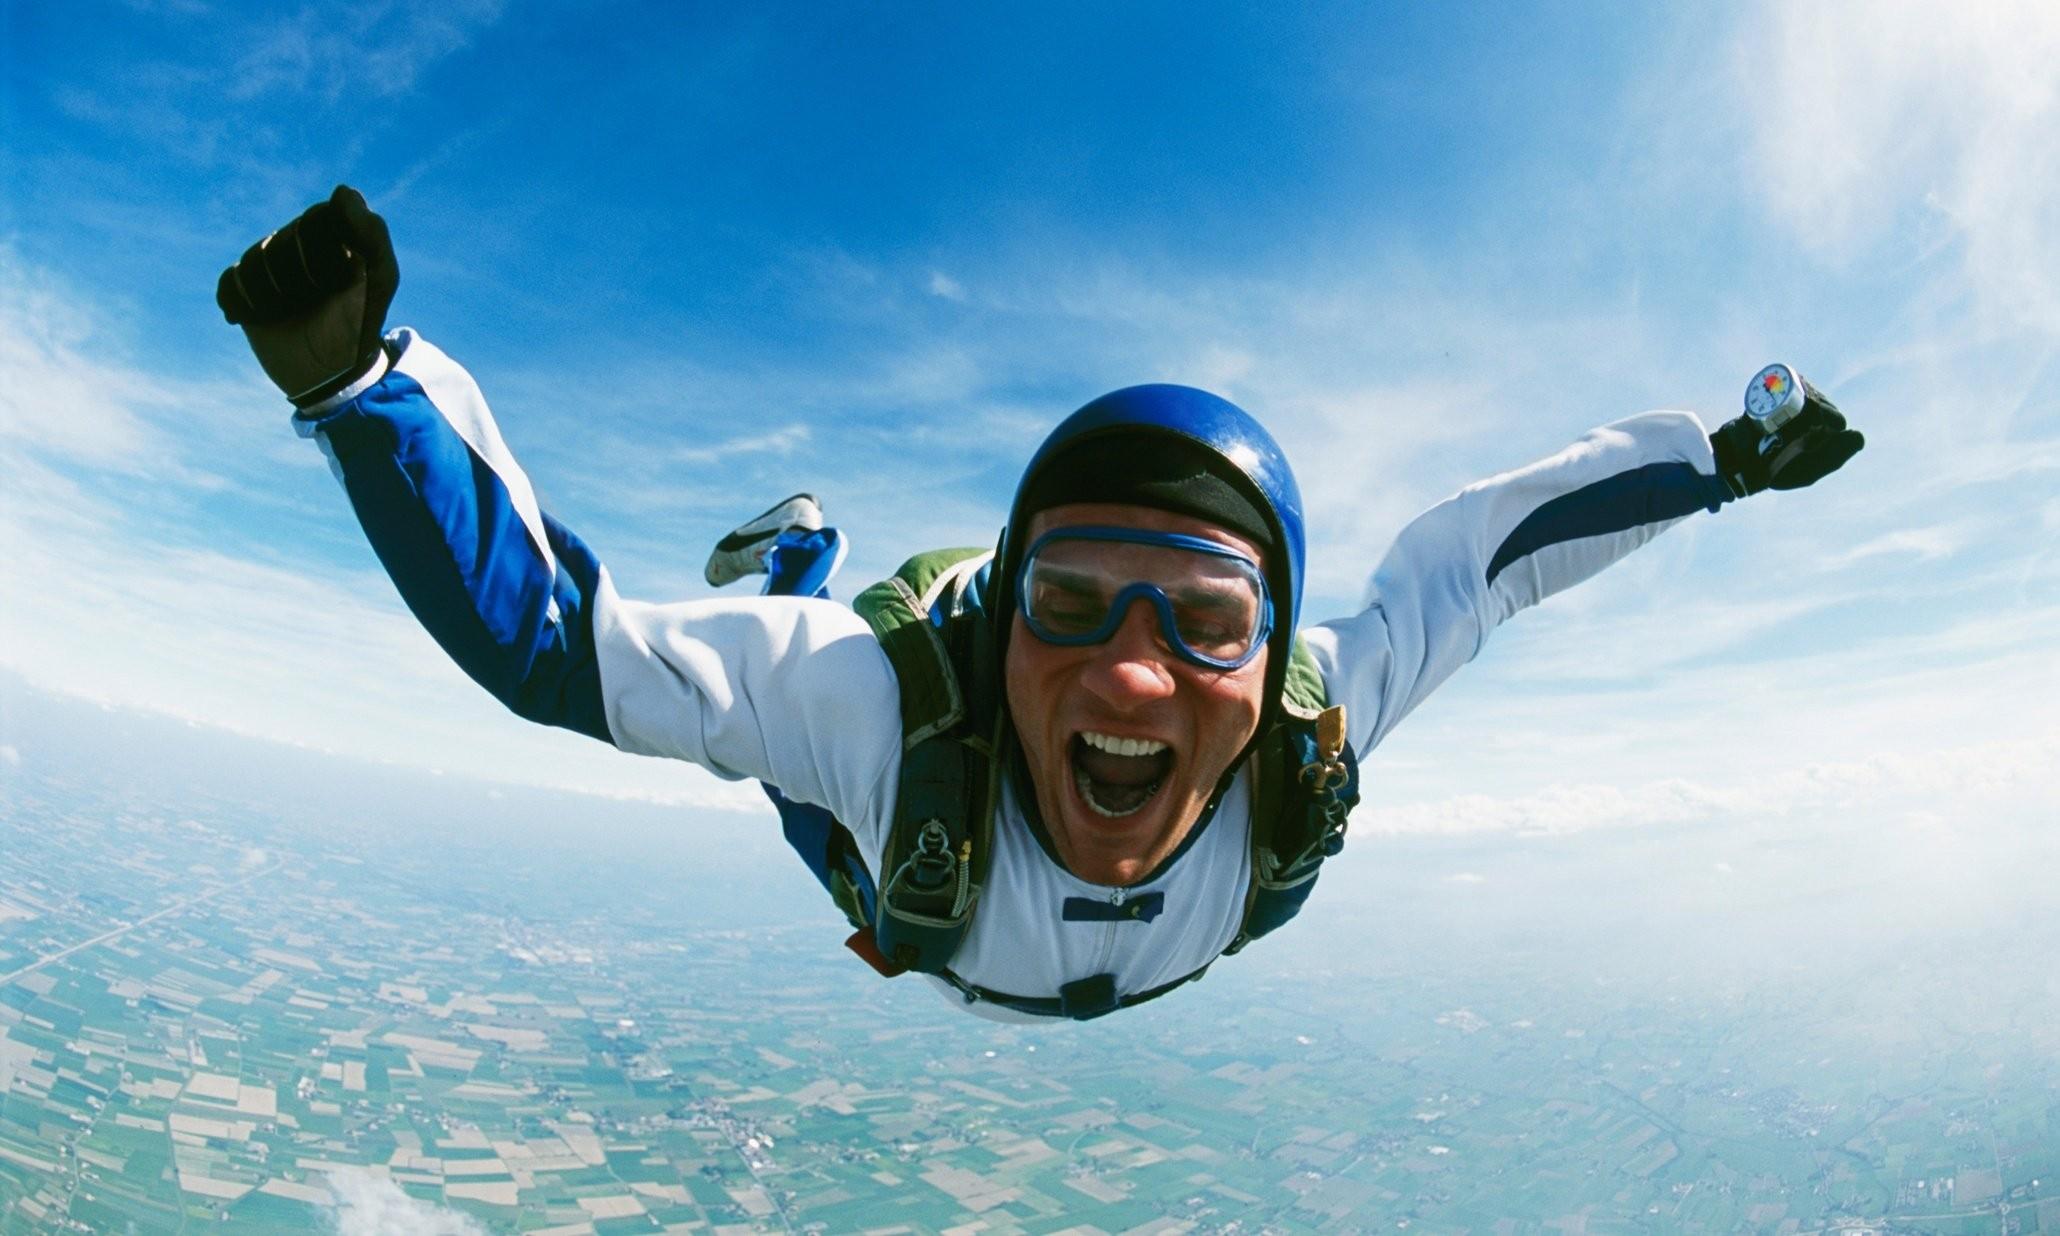 Сегодня совершит прыжок изсамолета без парашюта американский экстремал